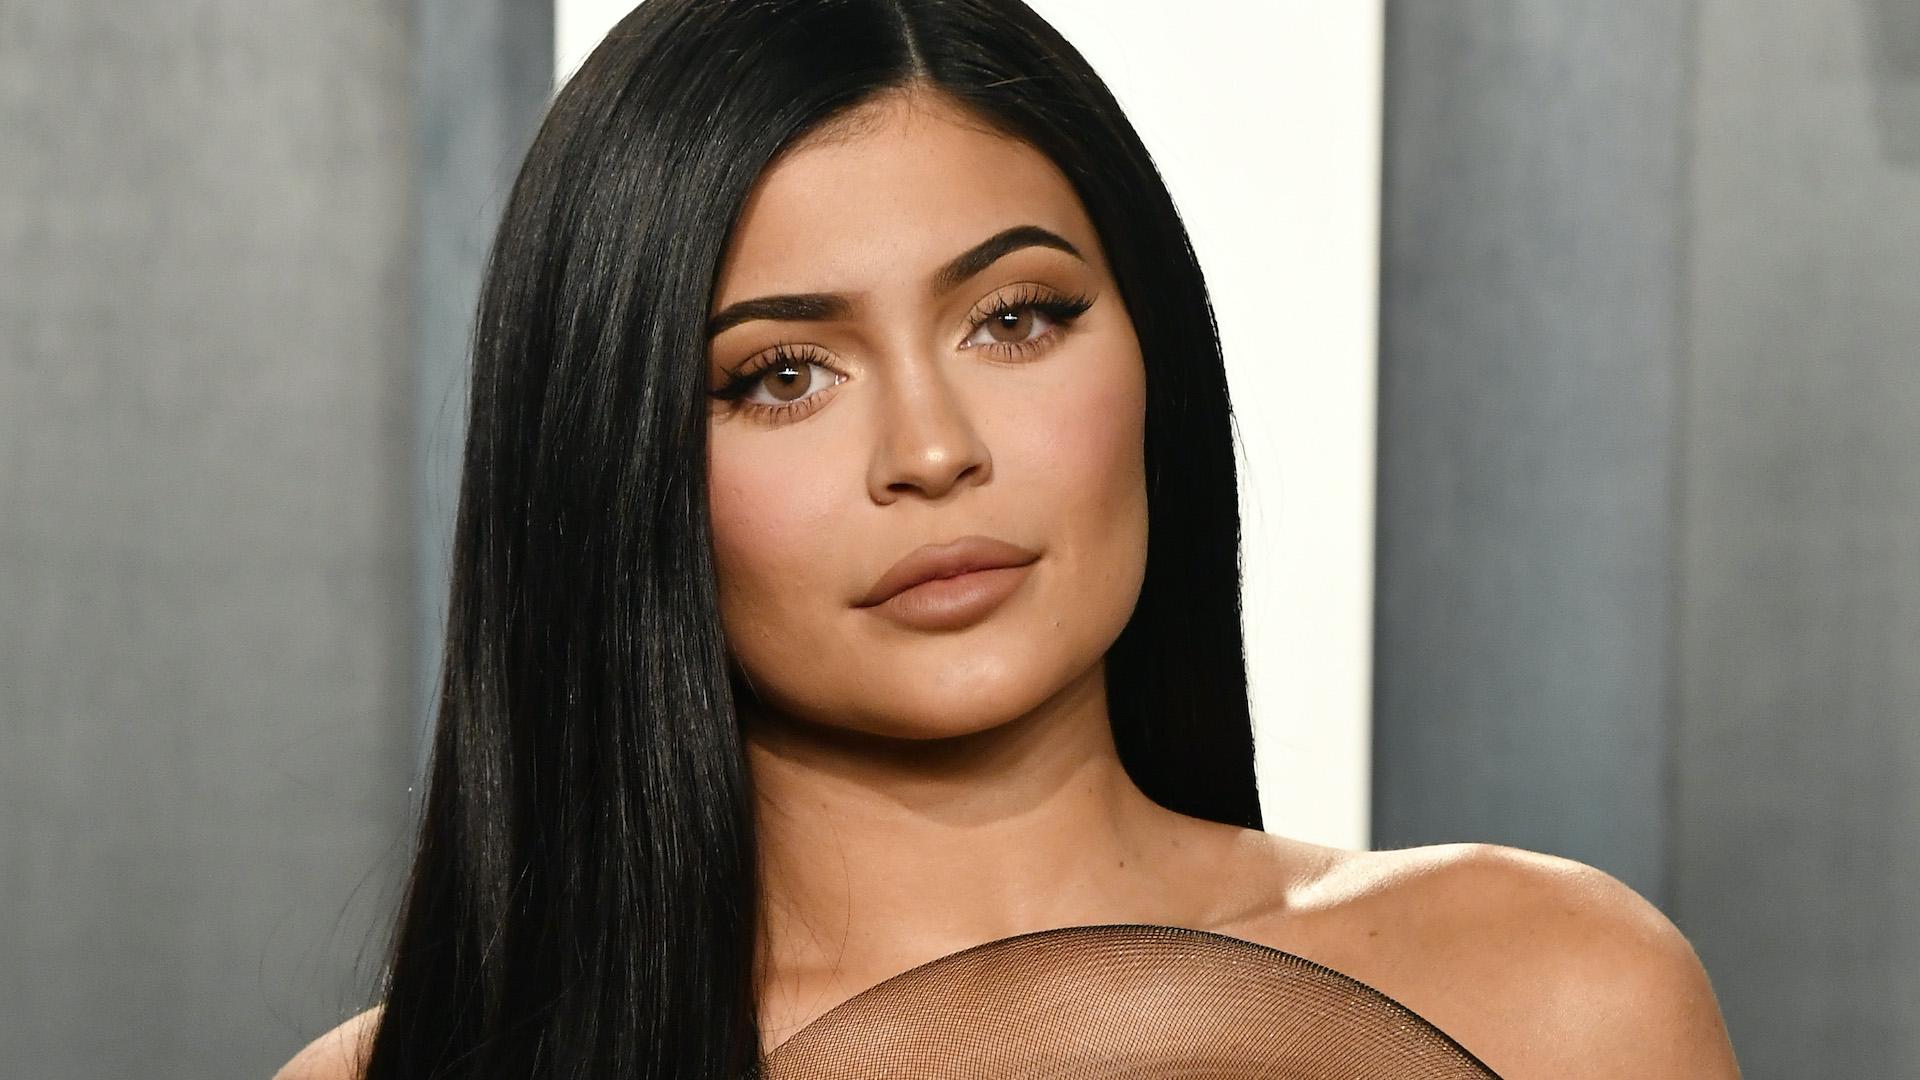 Kylie Jenner Files for Restraining Order Against Alleged Attempted Burglar